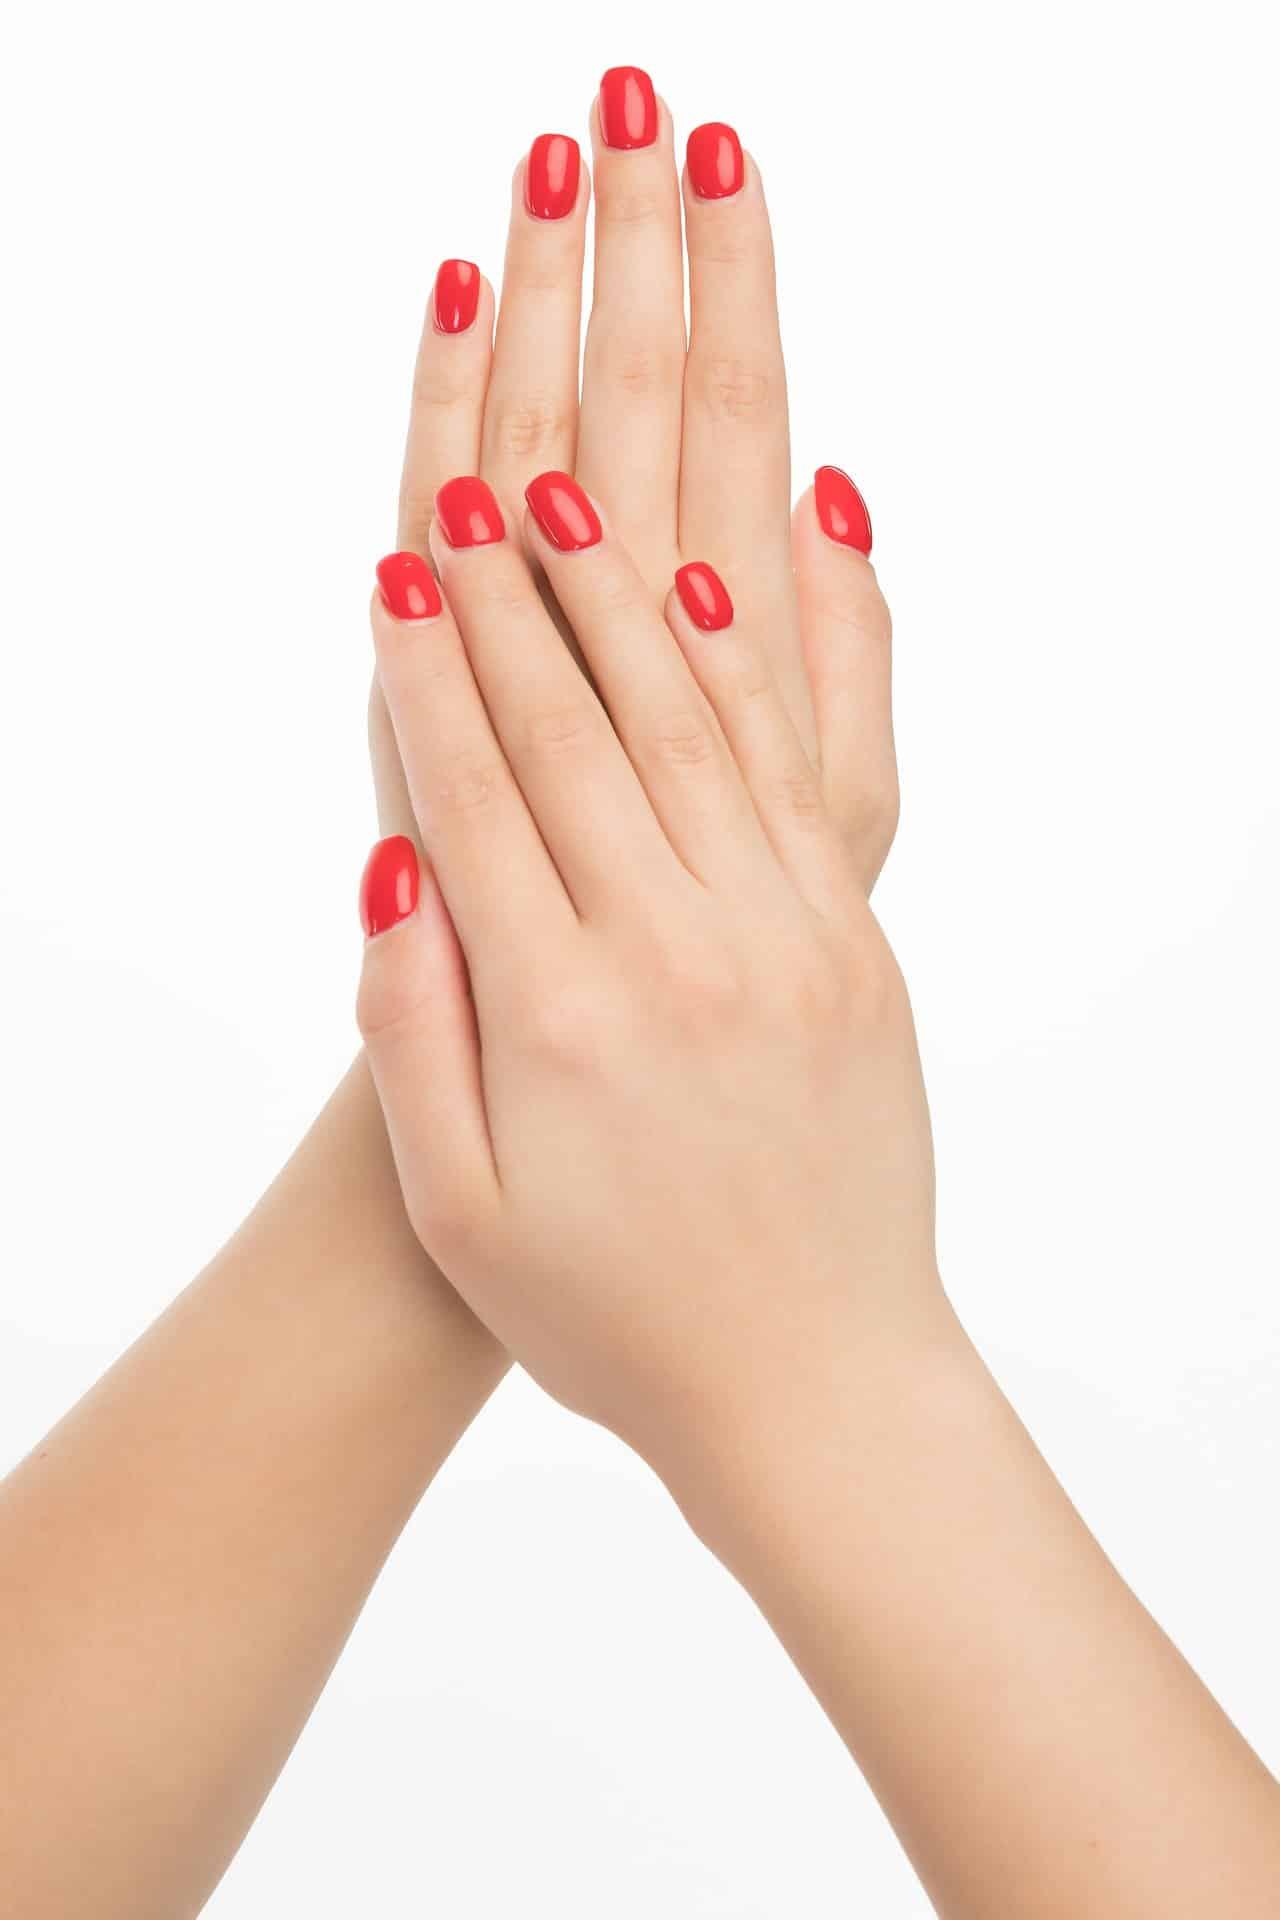 Nurturing nails page1